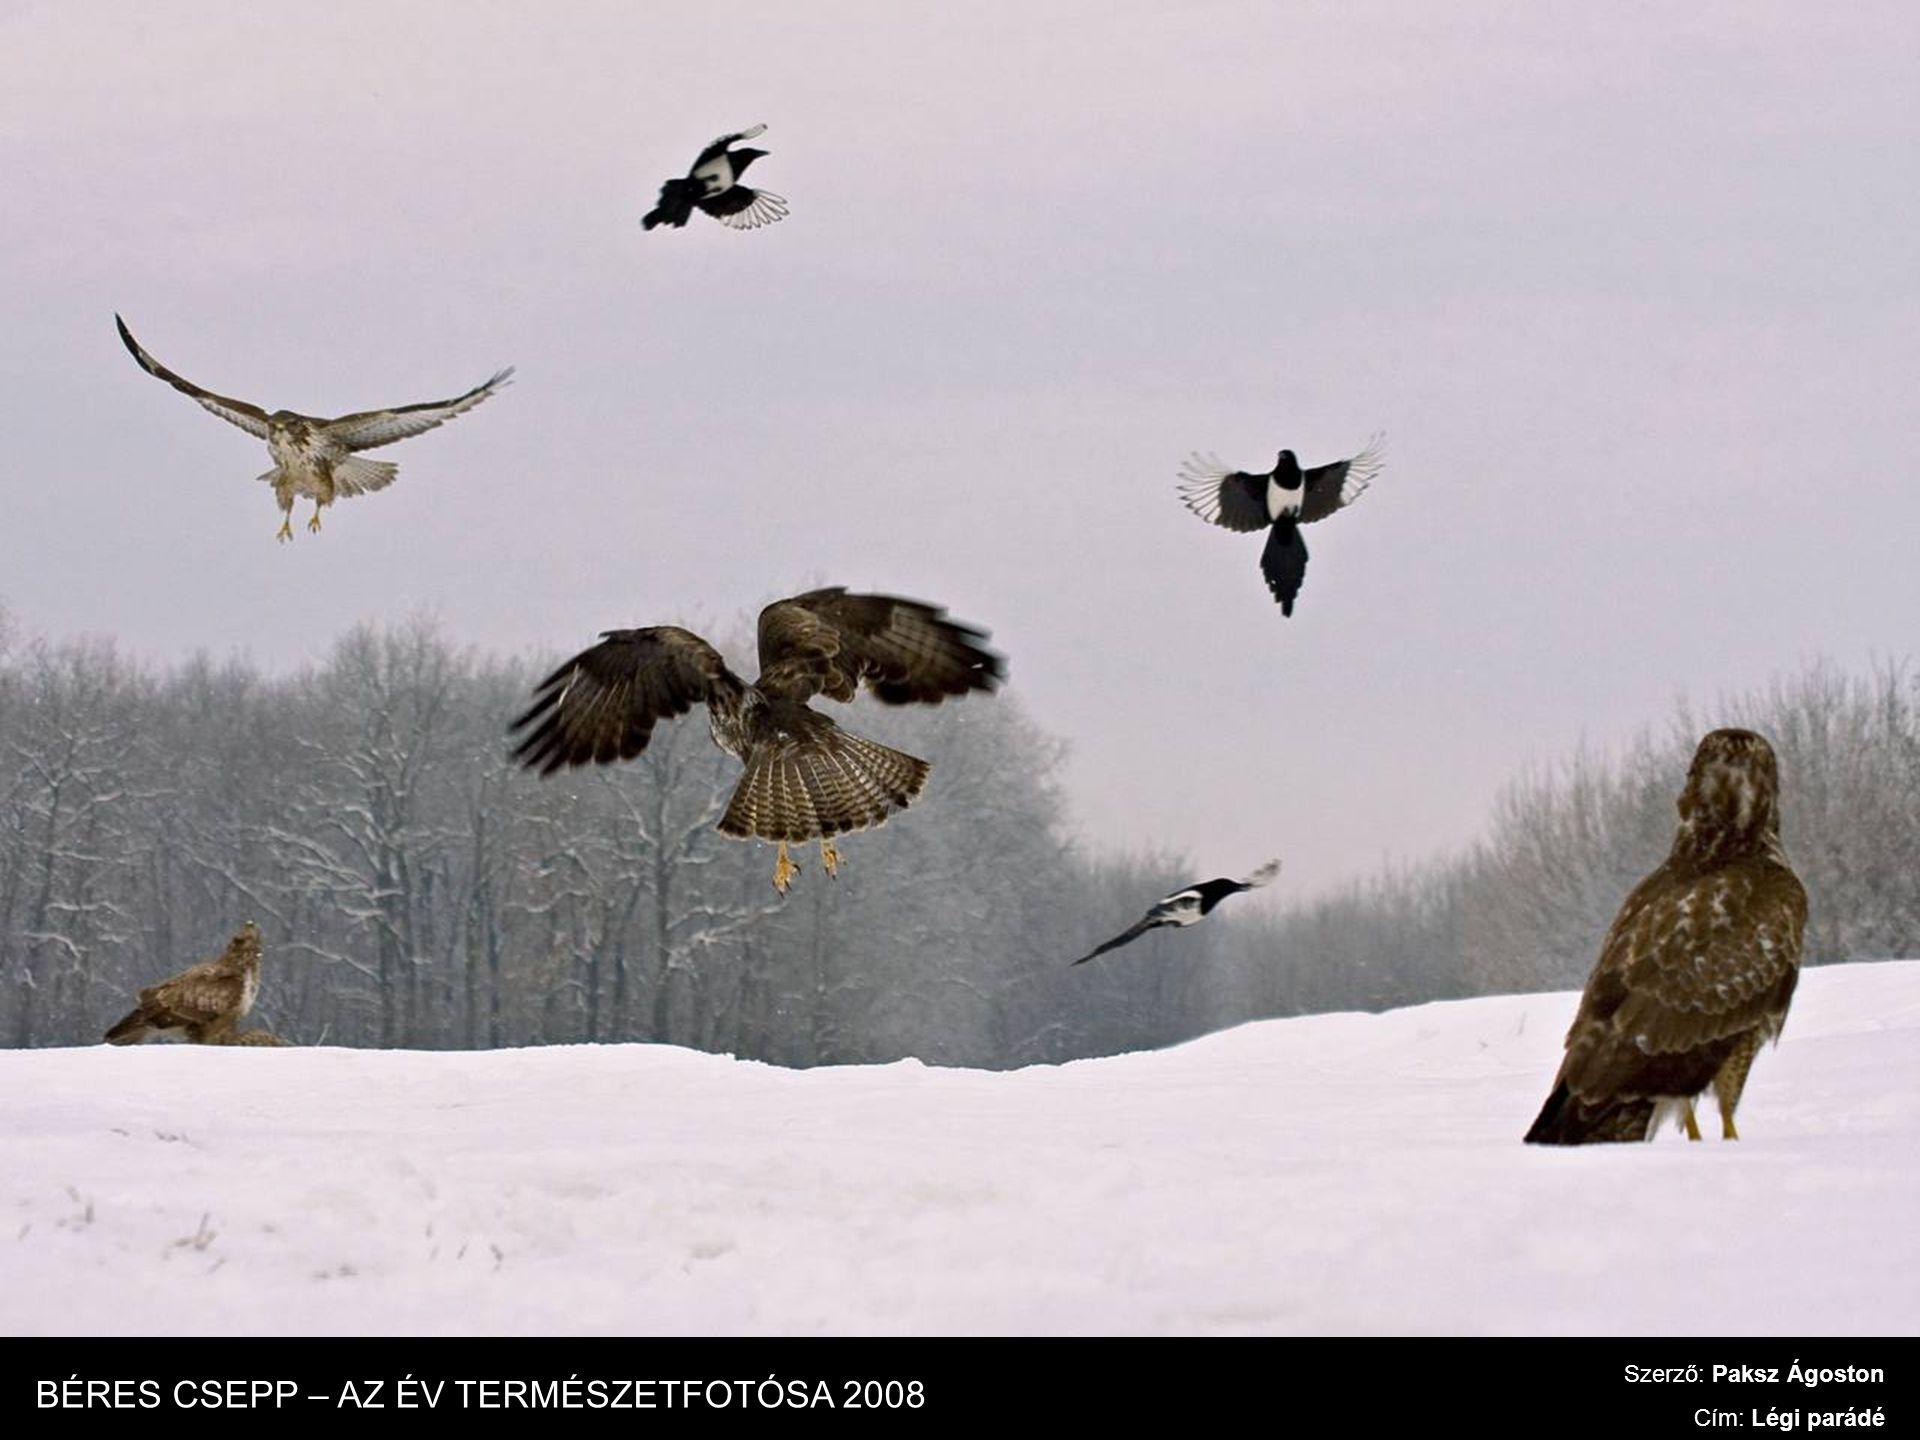 Szerző: Paksz Ágoston Cím: Légi parádé BÉRES CSEPP – AZ ÉV TERMÉSZETFOTÓSA 2008